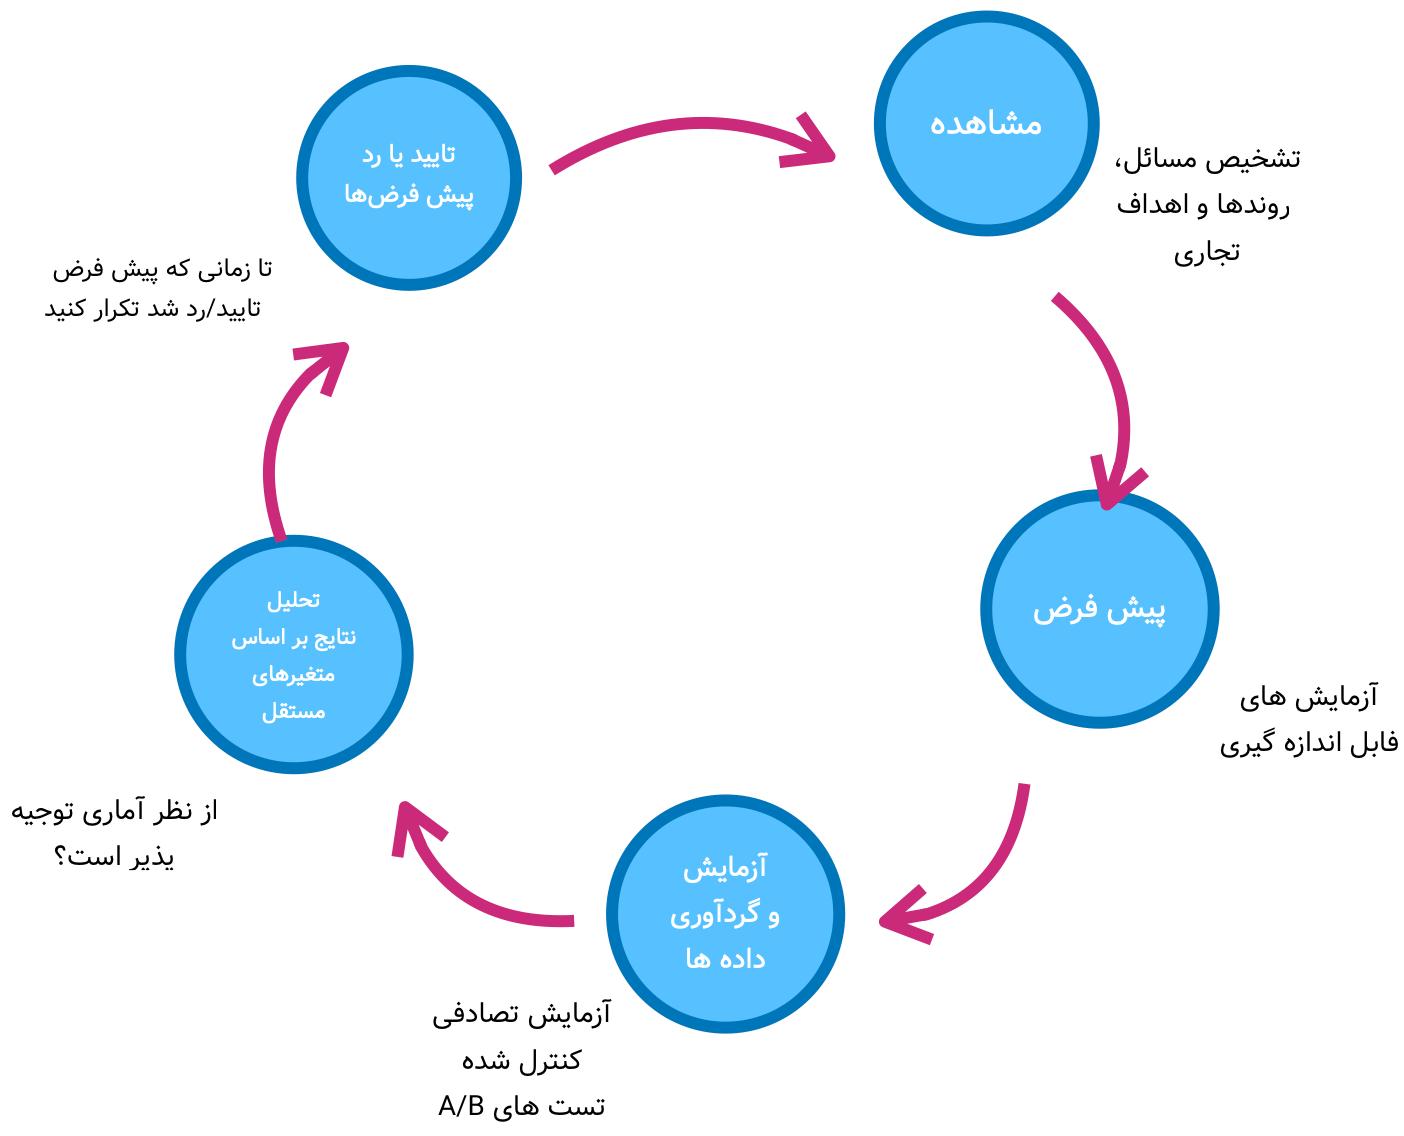 روش علمی